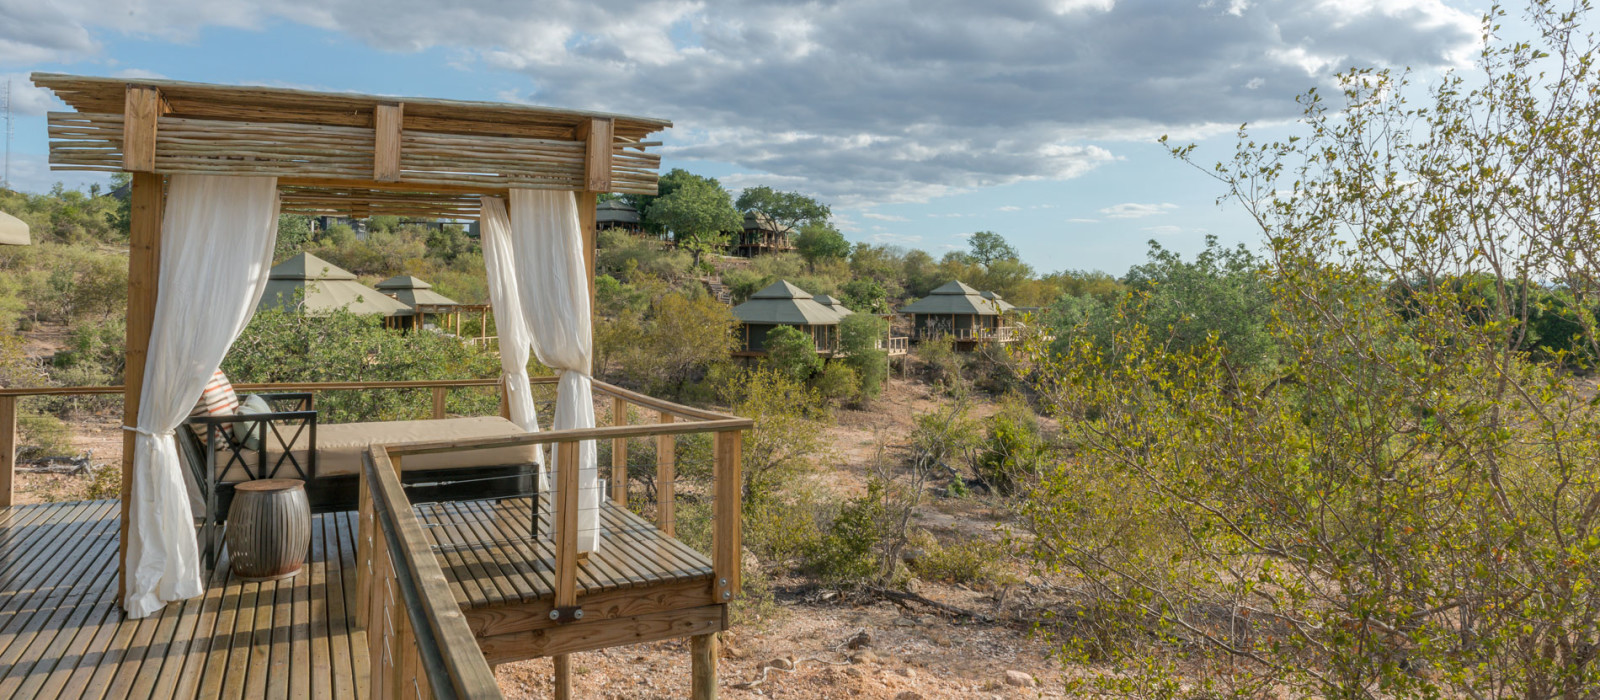 Hotel Simbavati Hilltop Lodge Südafrika